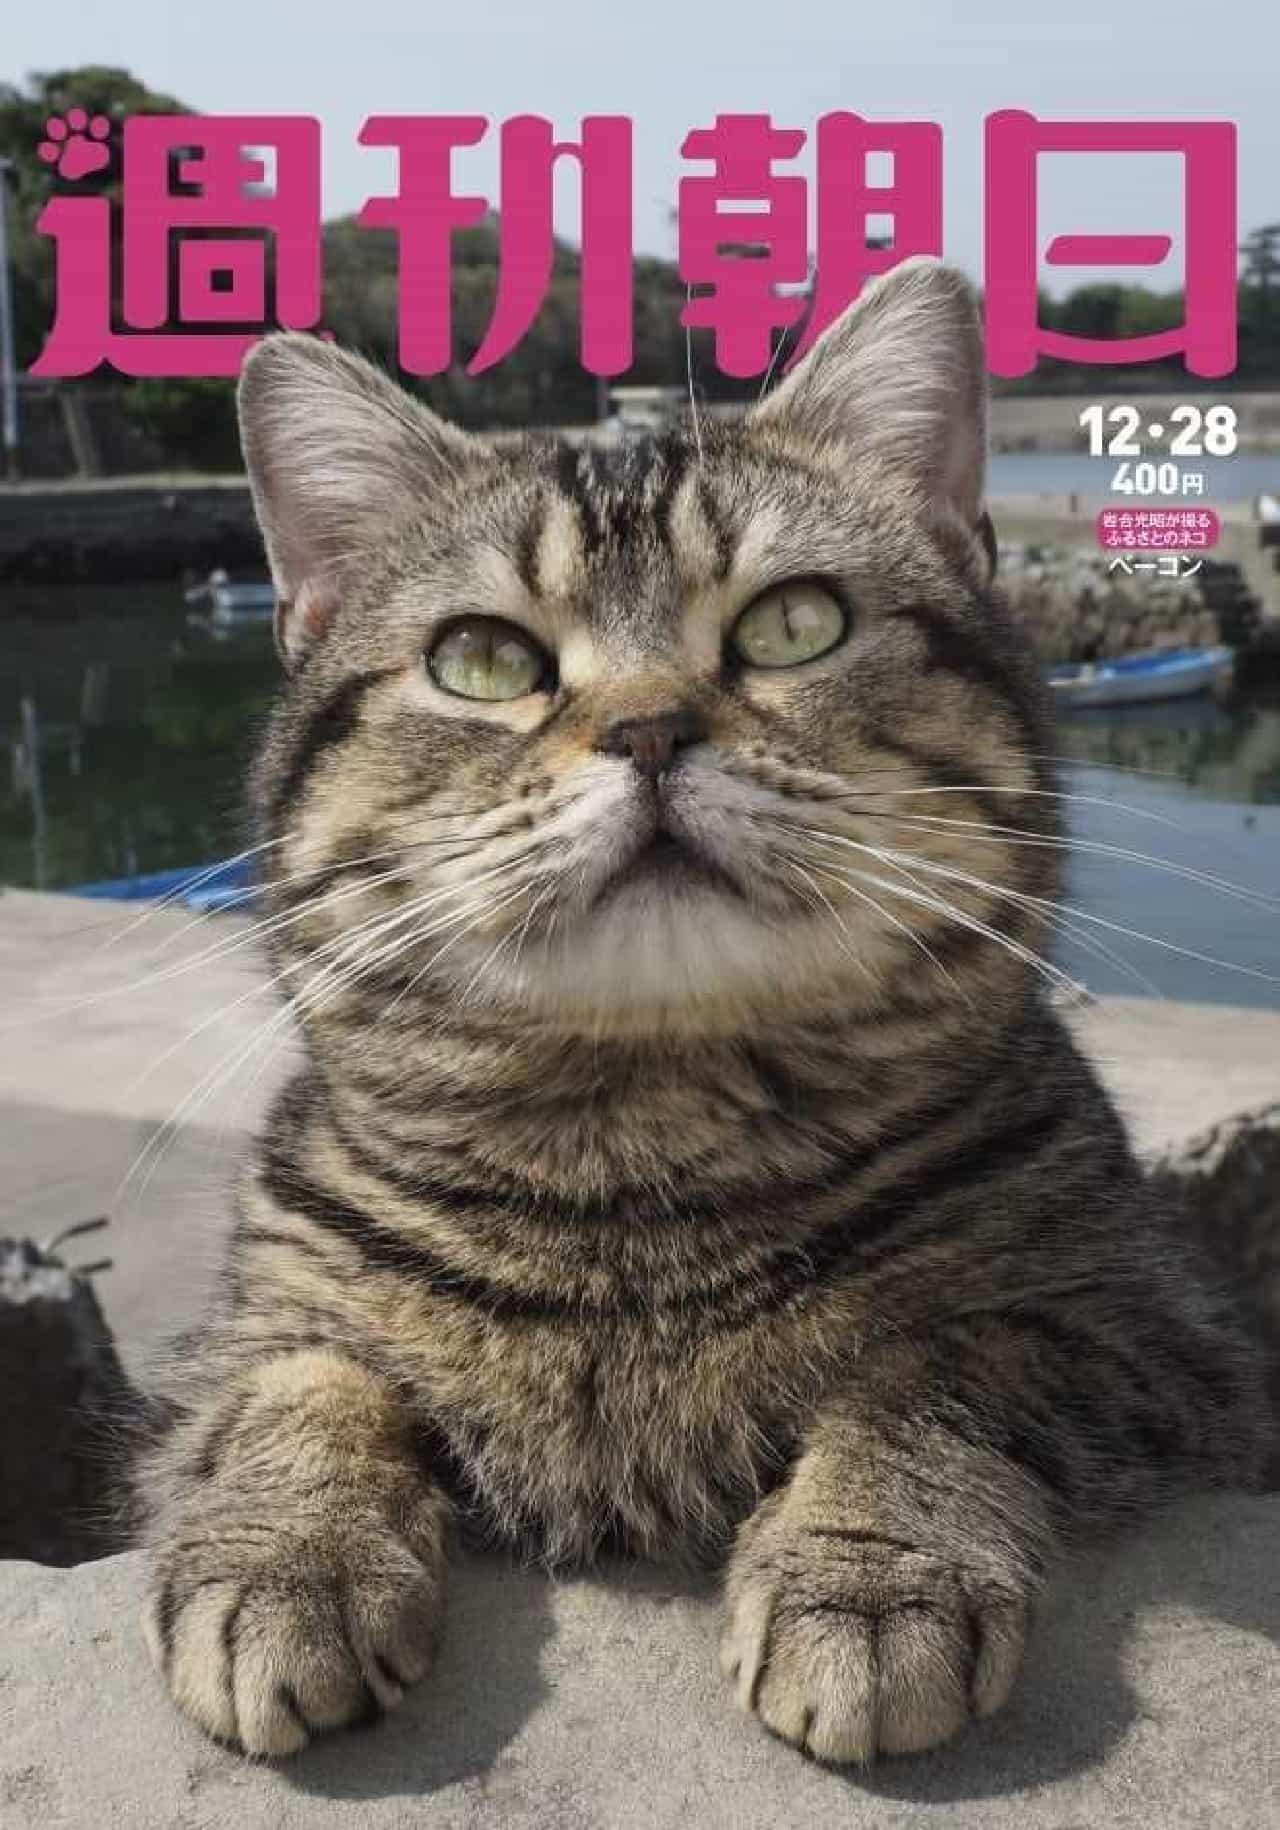 岩合光昭さん撮影のカレンダー「子ネコの冒険」付きのネコ特集号、12月18日発売